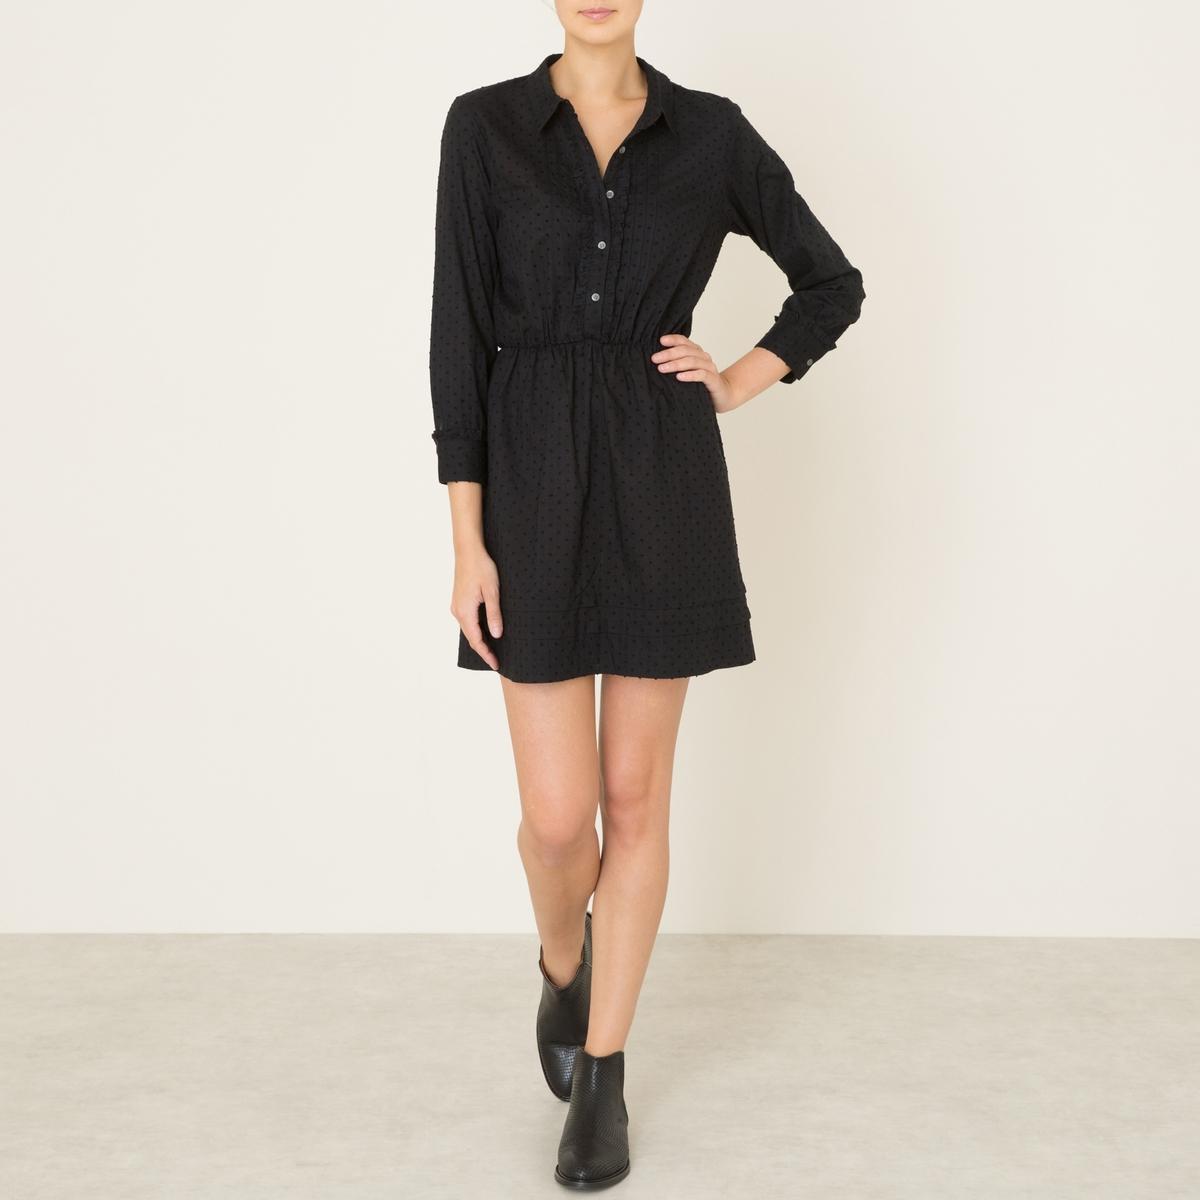 Платье ALEXANDRA приталенное платье с застежкой на пуговицы пояс gf ferre приталенное платье с застежкой на пуговицы пояс